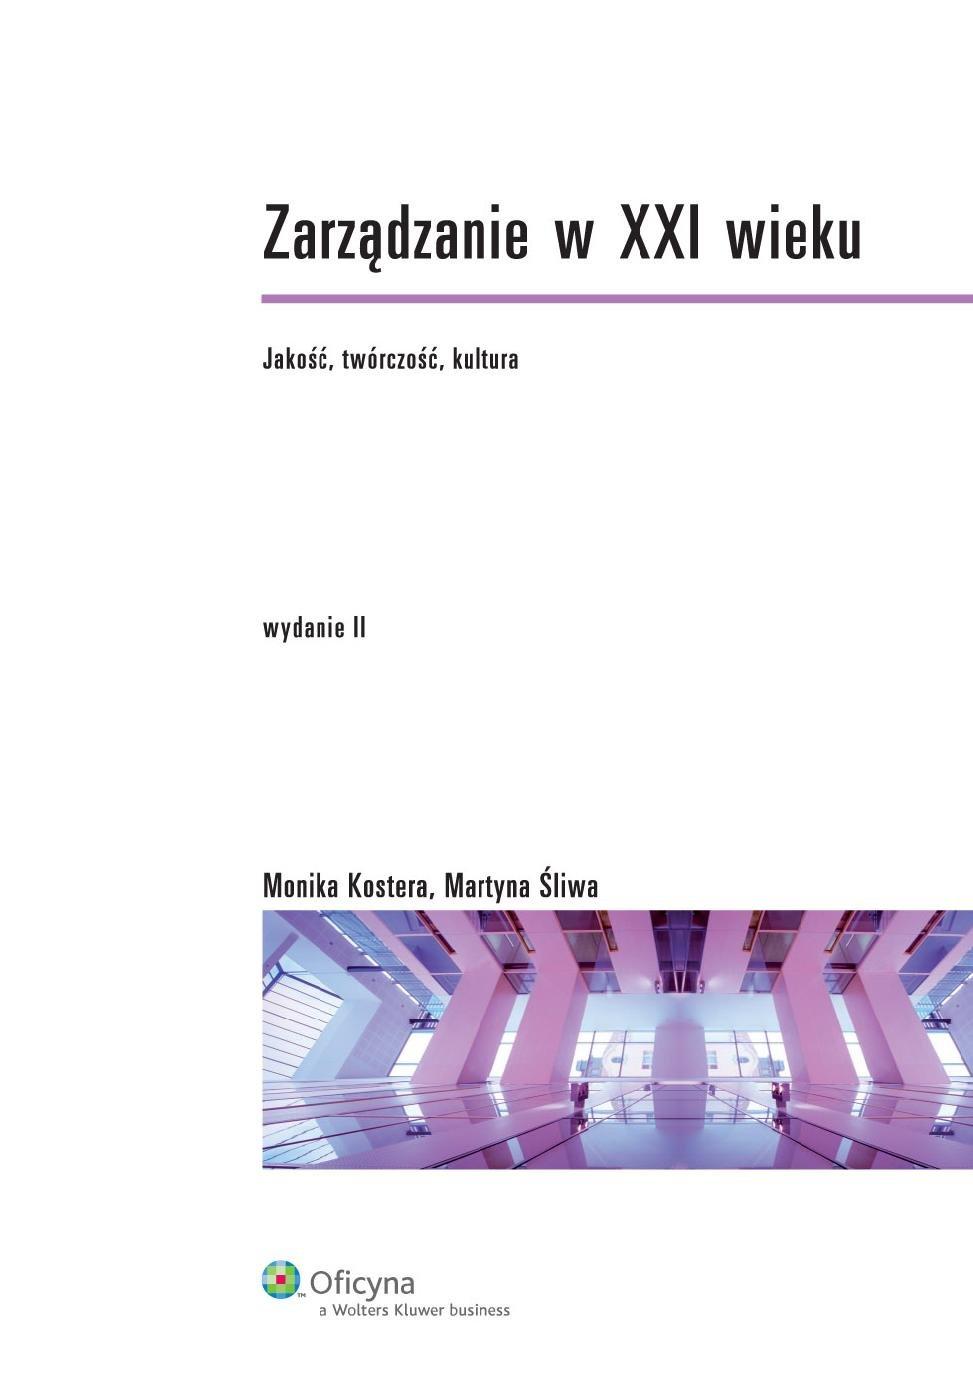 Zarządzanie w XXI wieku. Jakość, twórczość, kultura - Ebook (Książka PDF) do pobrania w formacie PDF